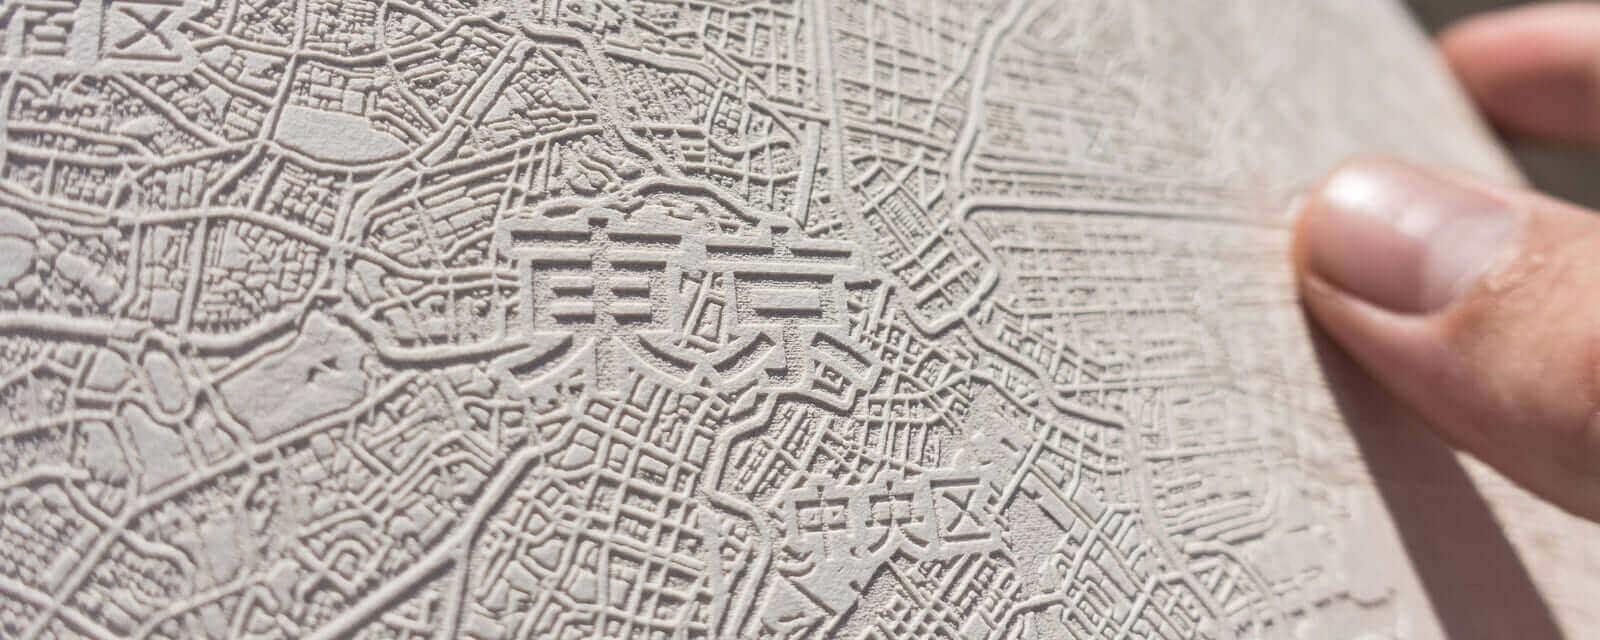 Papier Laser Gravur der Stadtkarte von Tokio, Japan.